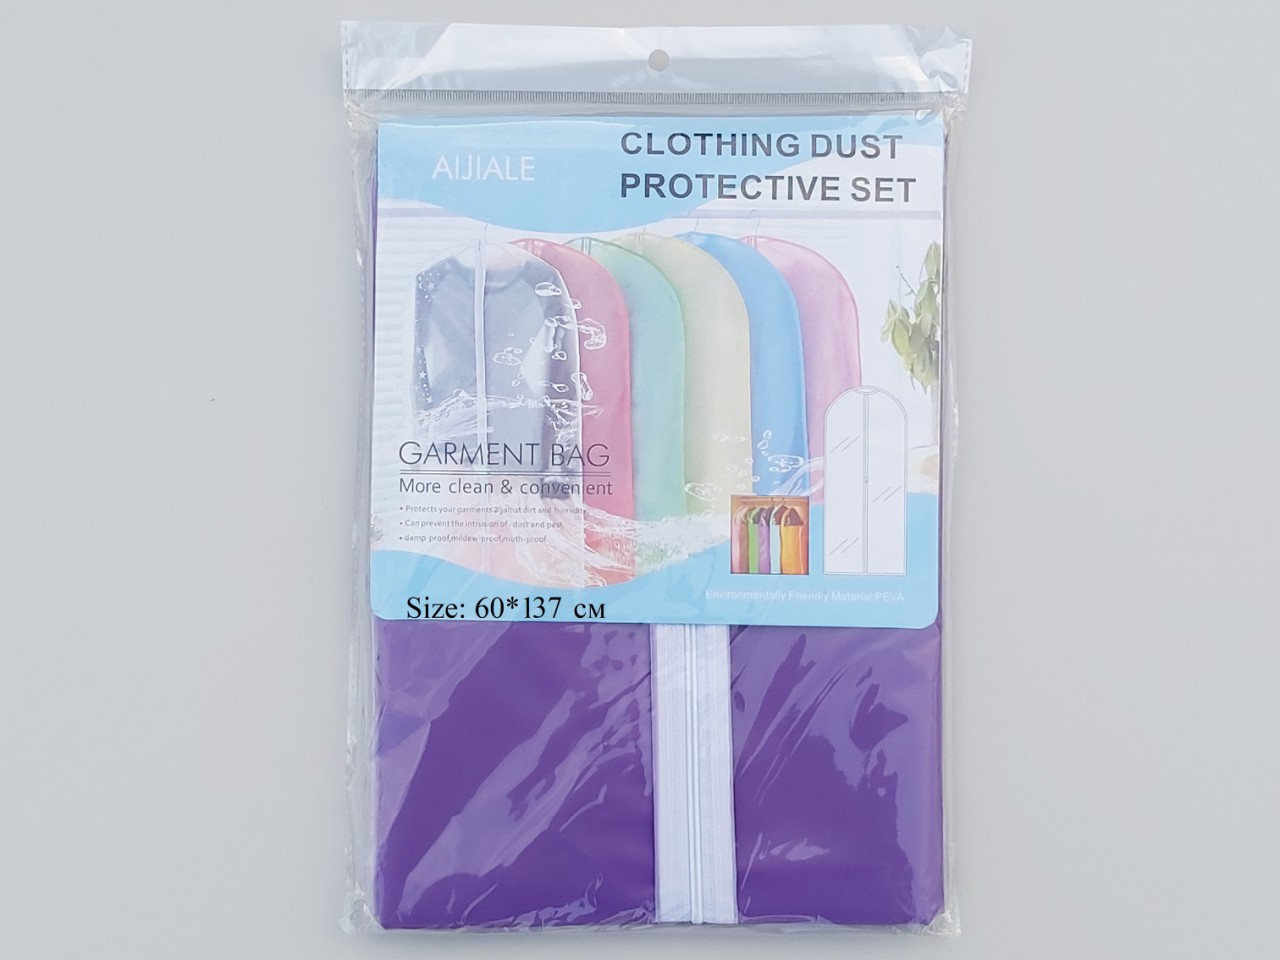 Чехол для хранения одежды из плащевки фиолетового цвета, размер 60*137 см